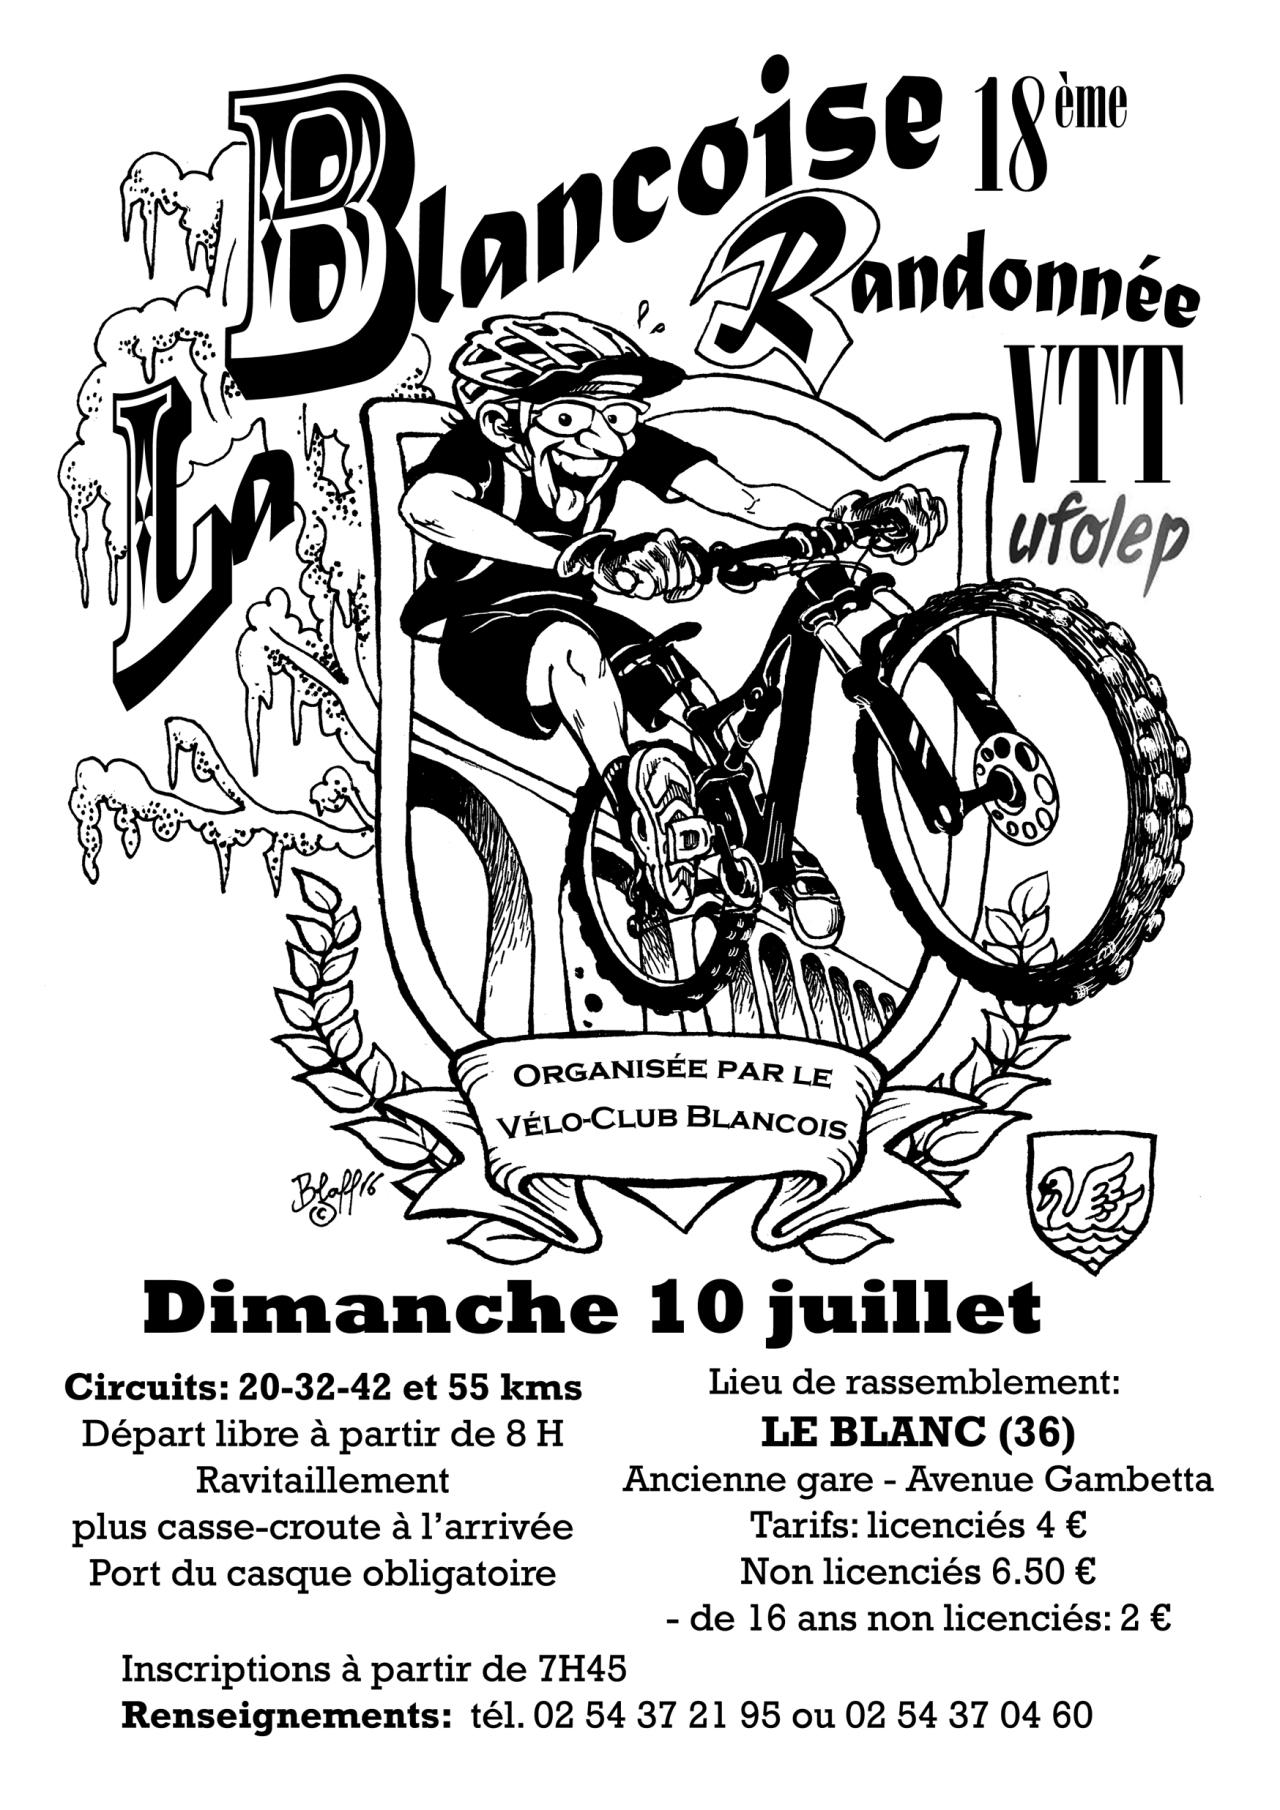 CR de la rando VTT «La Blançoise 2016», LeBlanc(36)